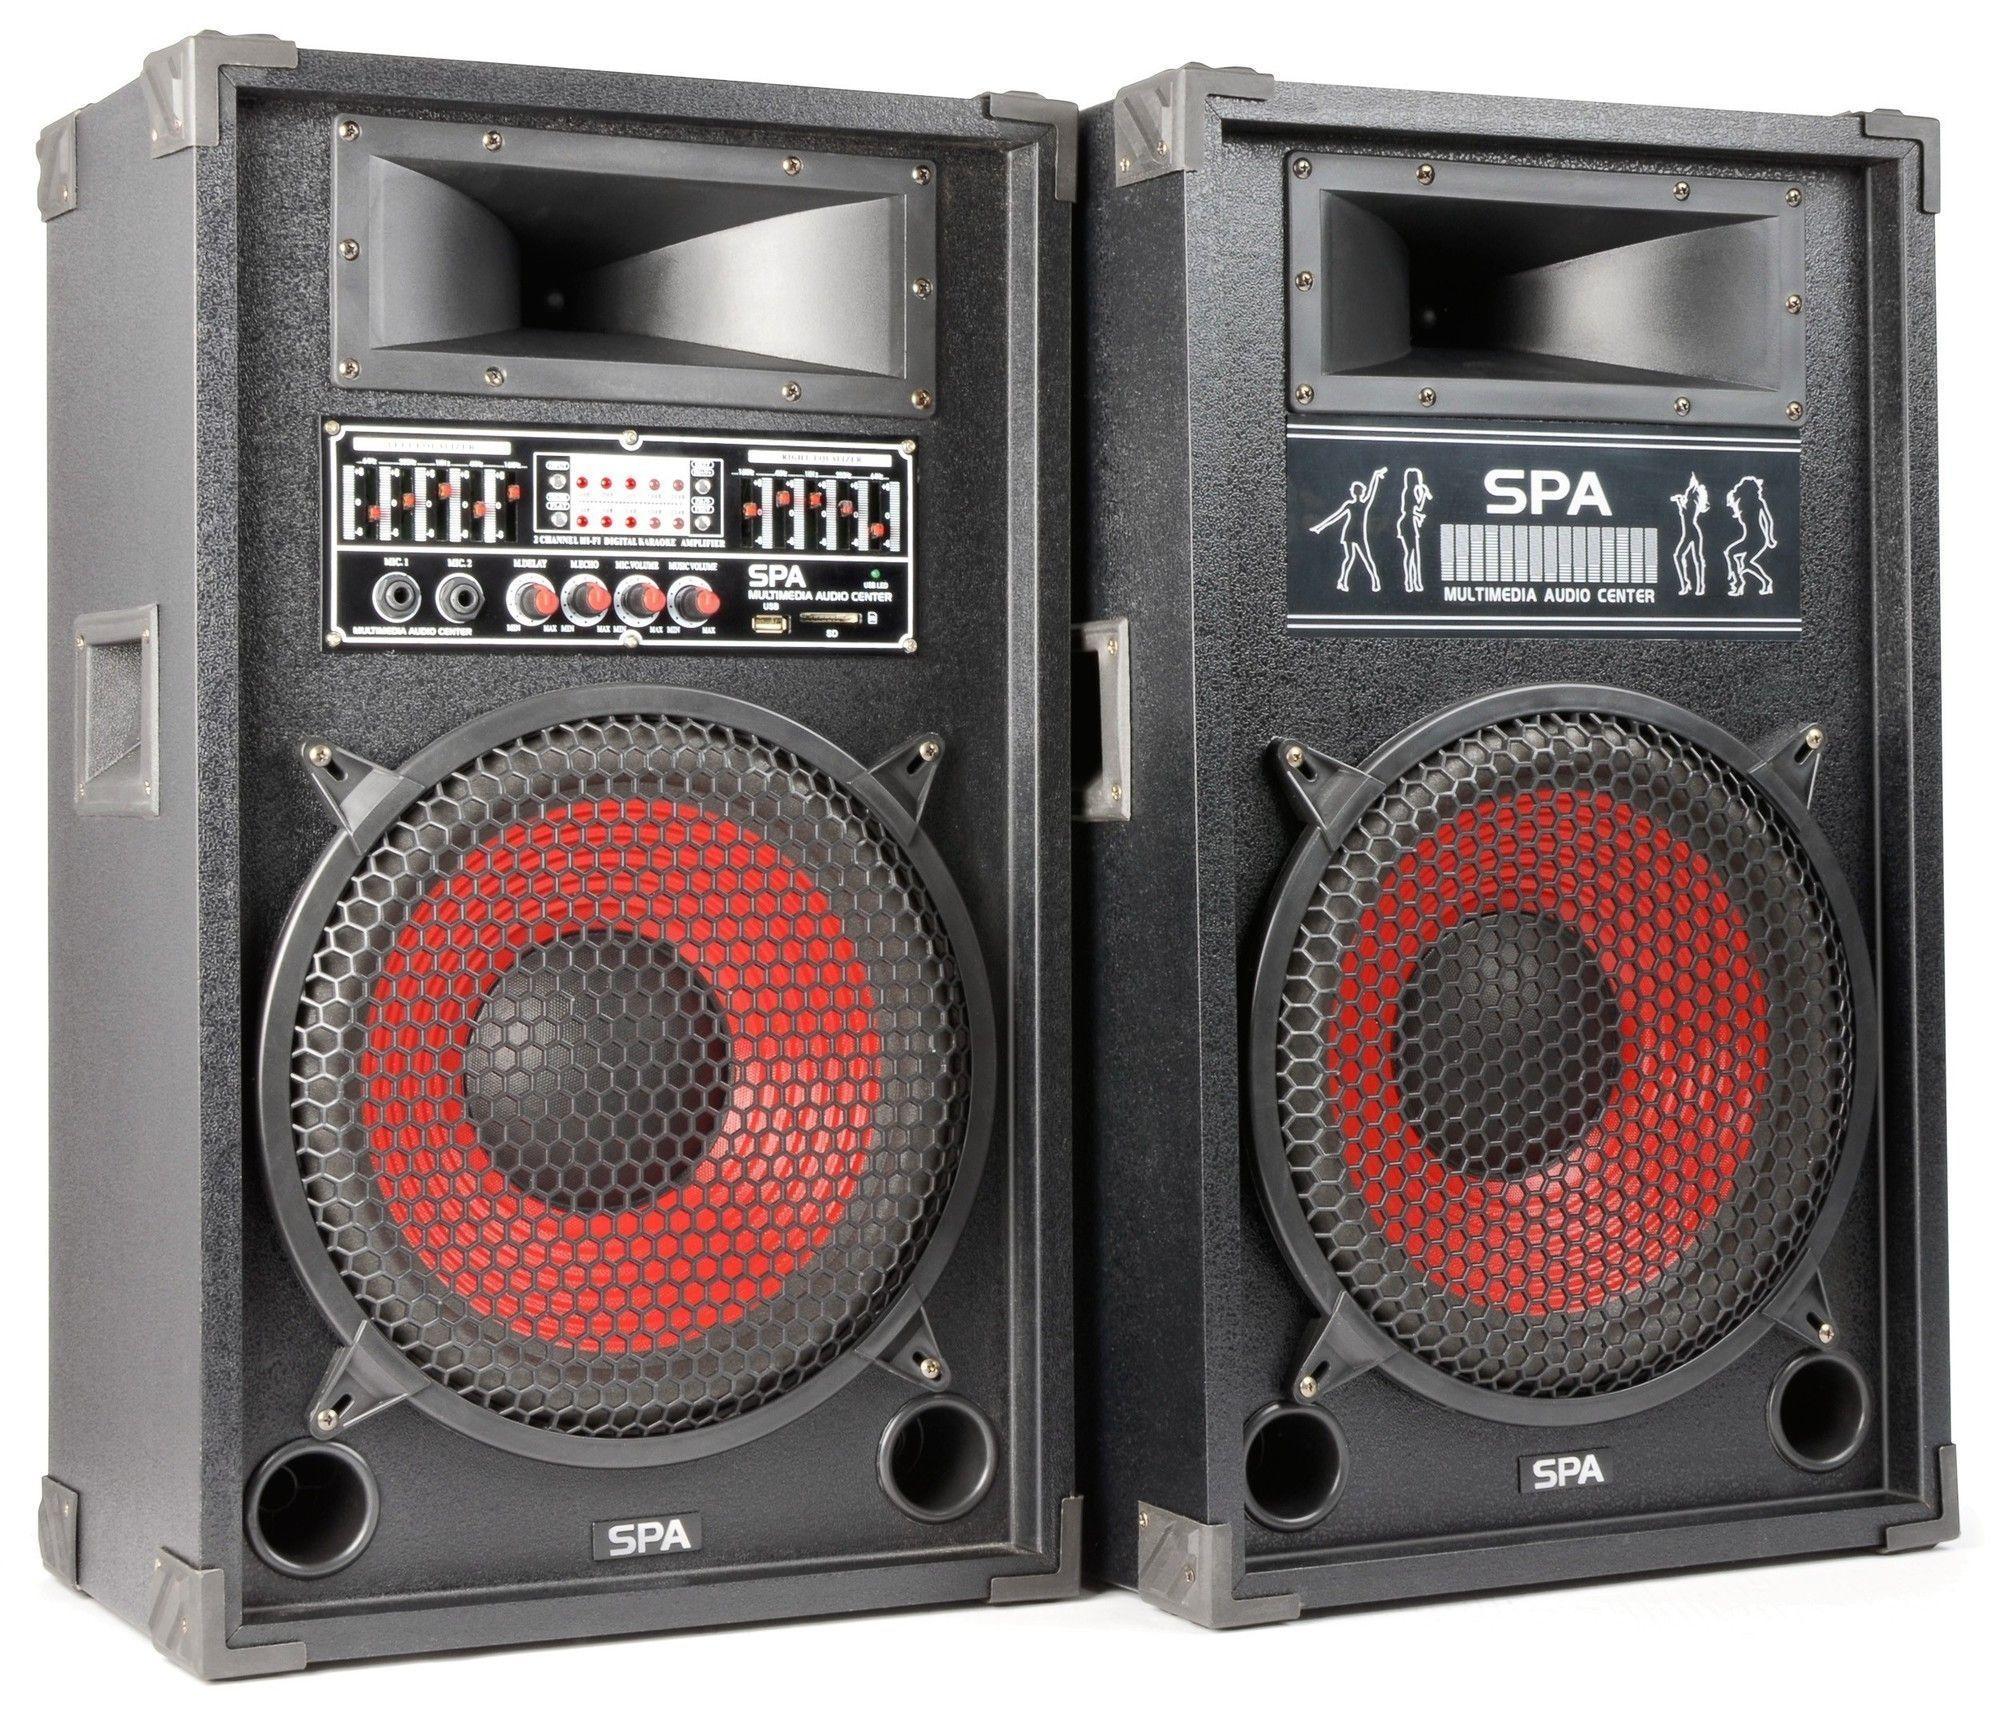 Een Bstock Spa1200 Actieve Pa Karaoke Luidspreker Set 12 1200w Met Usb Mp3 Skytec te koop aangeboden